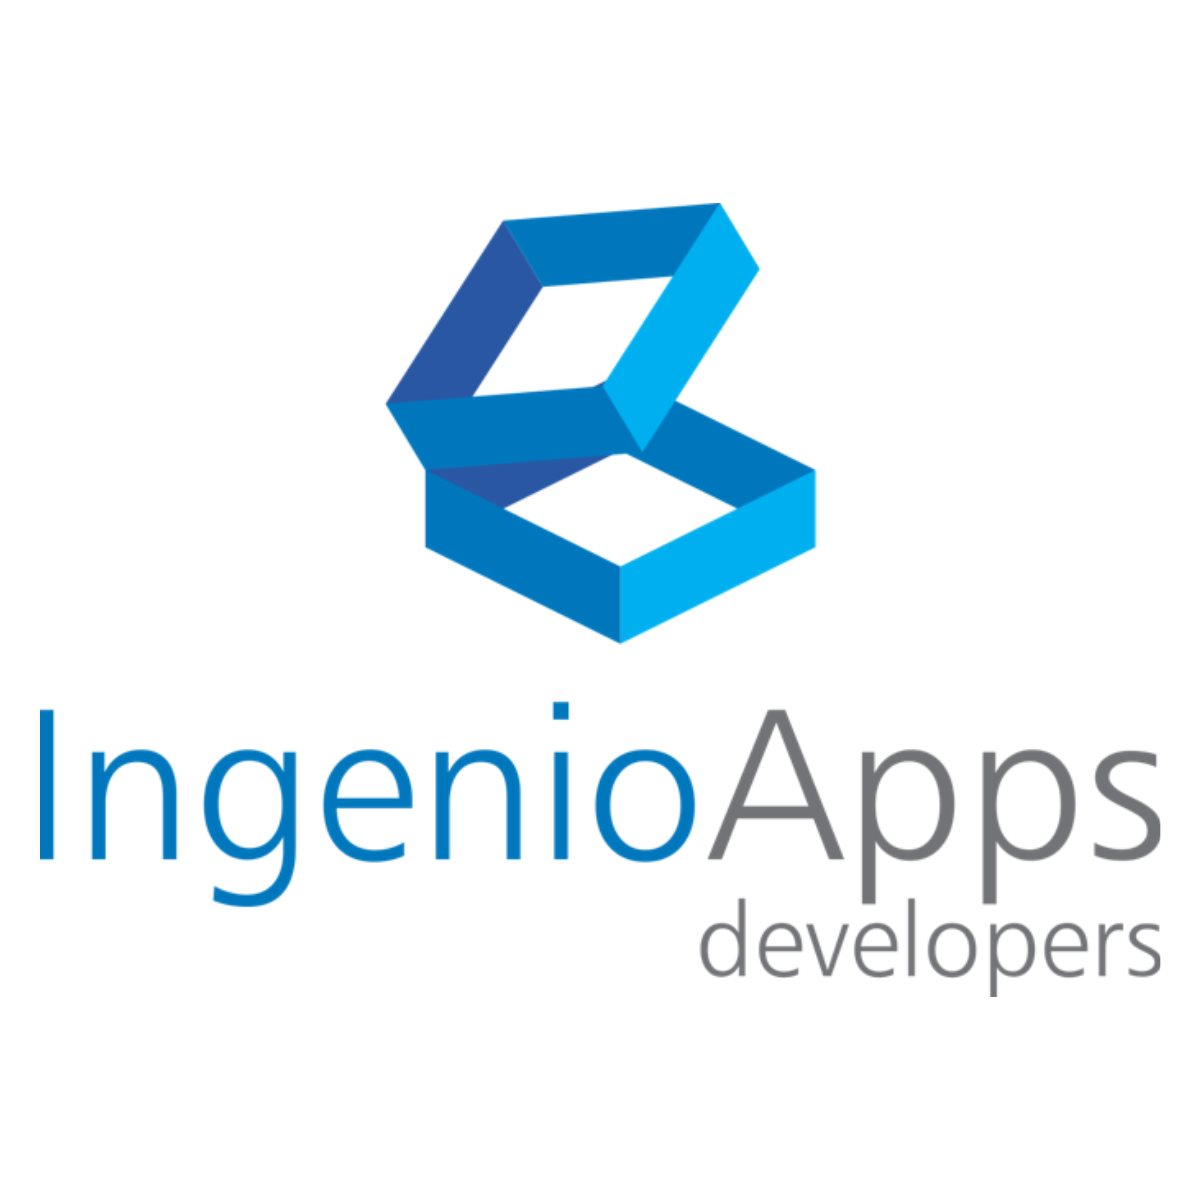 Ingenio Apps